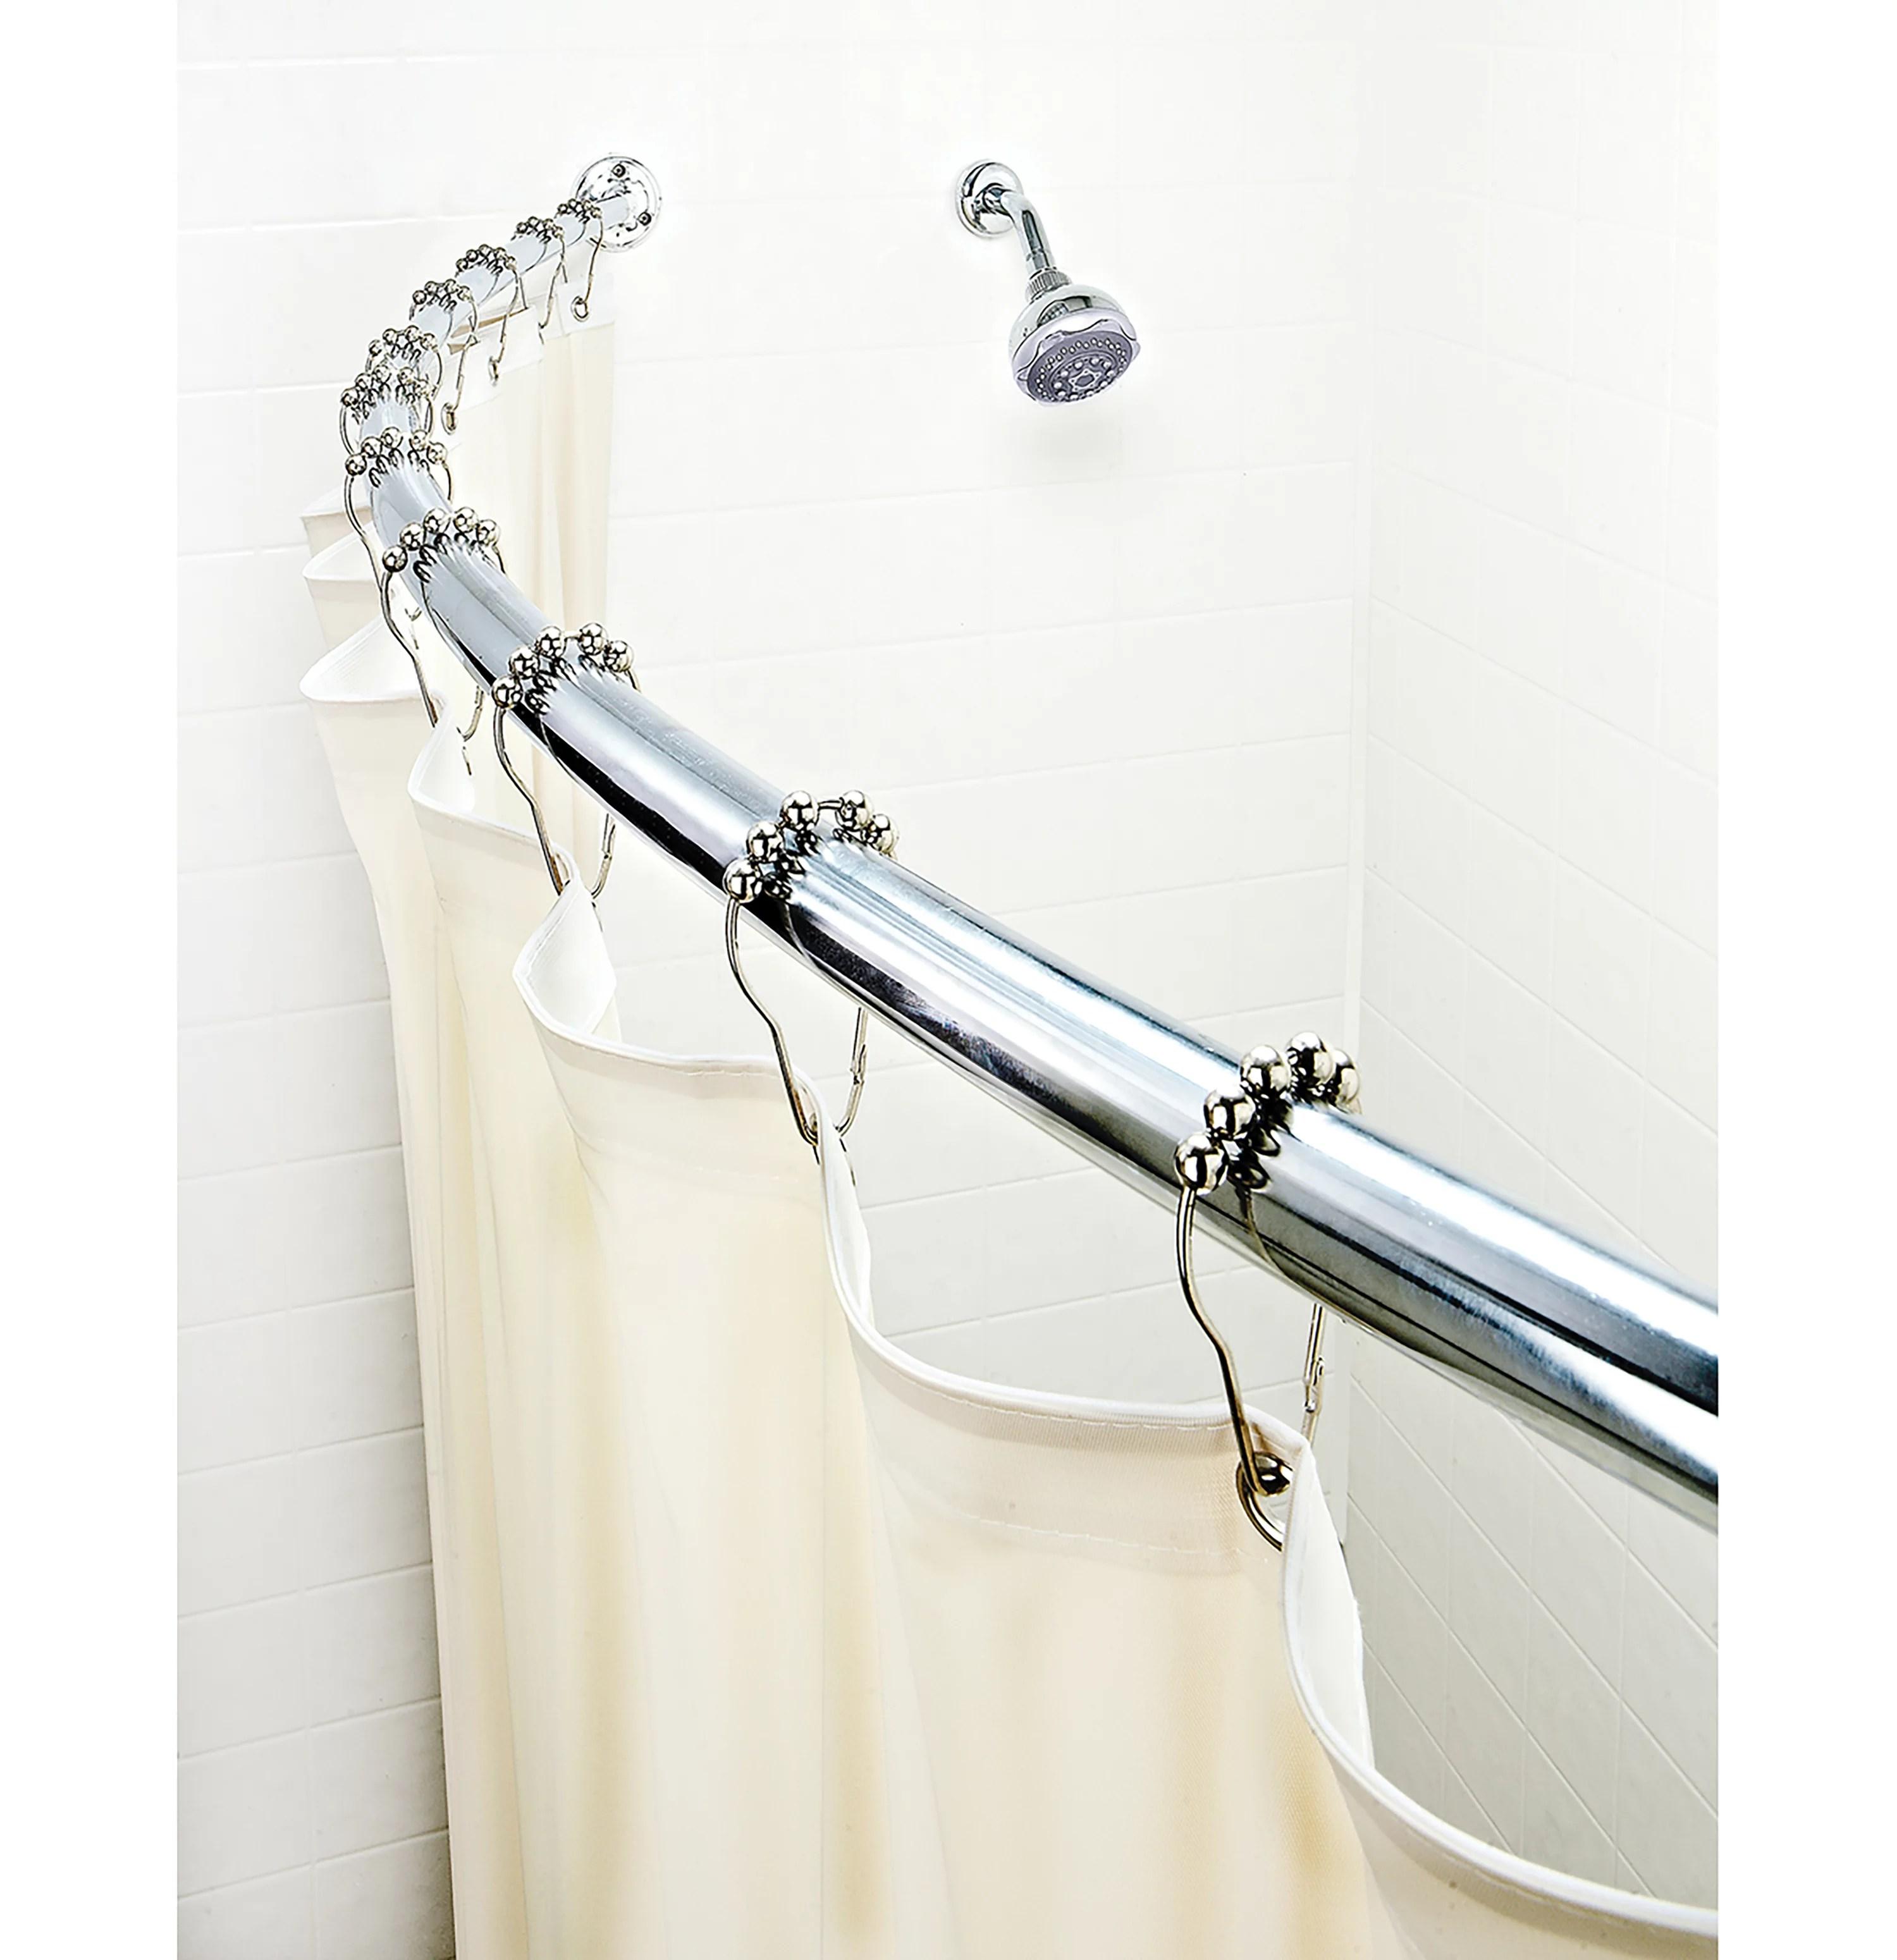 bath bliss curved chrome shower rod